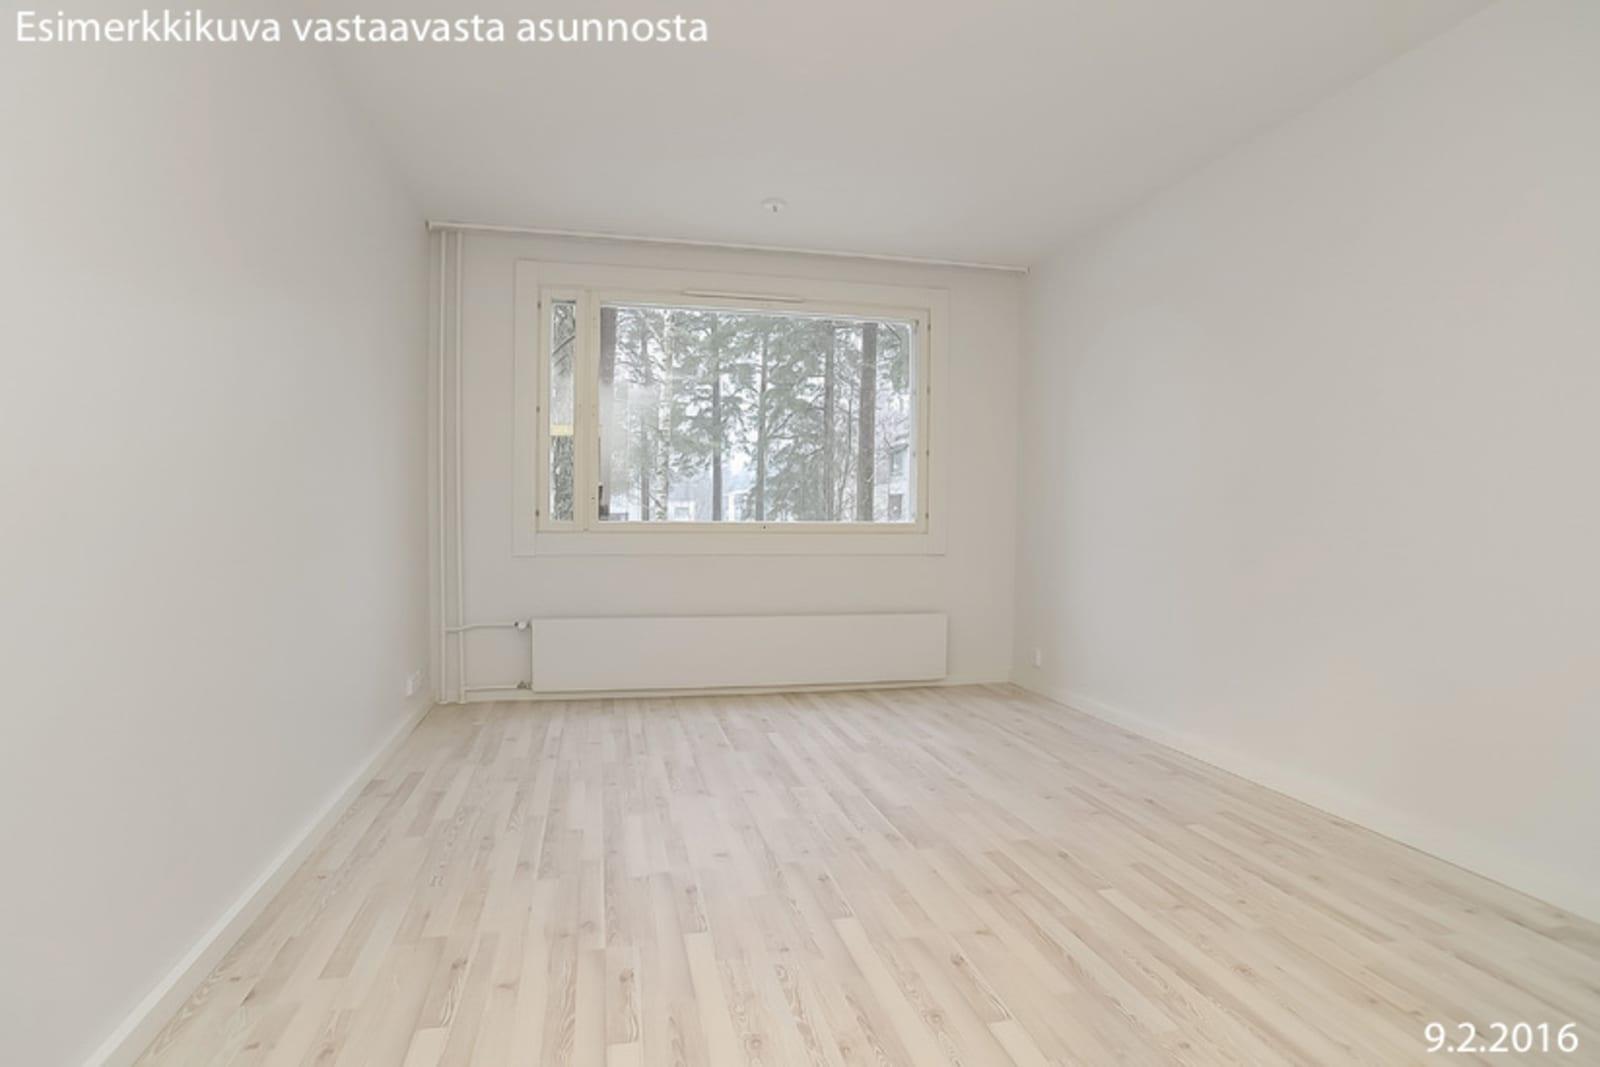 Espoo, Laajalahti, Heinjoenpolku 2 G-J G 048